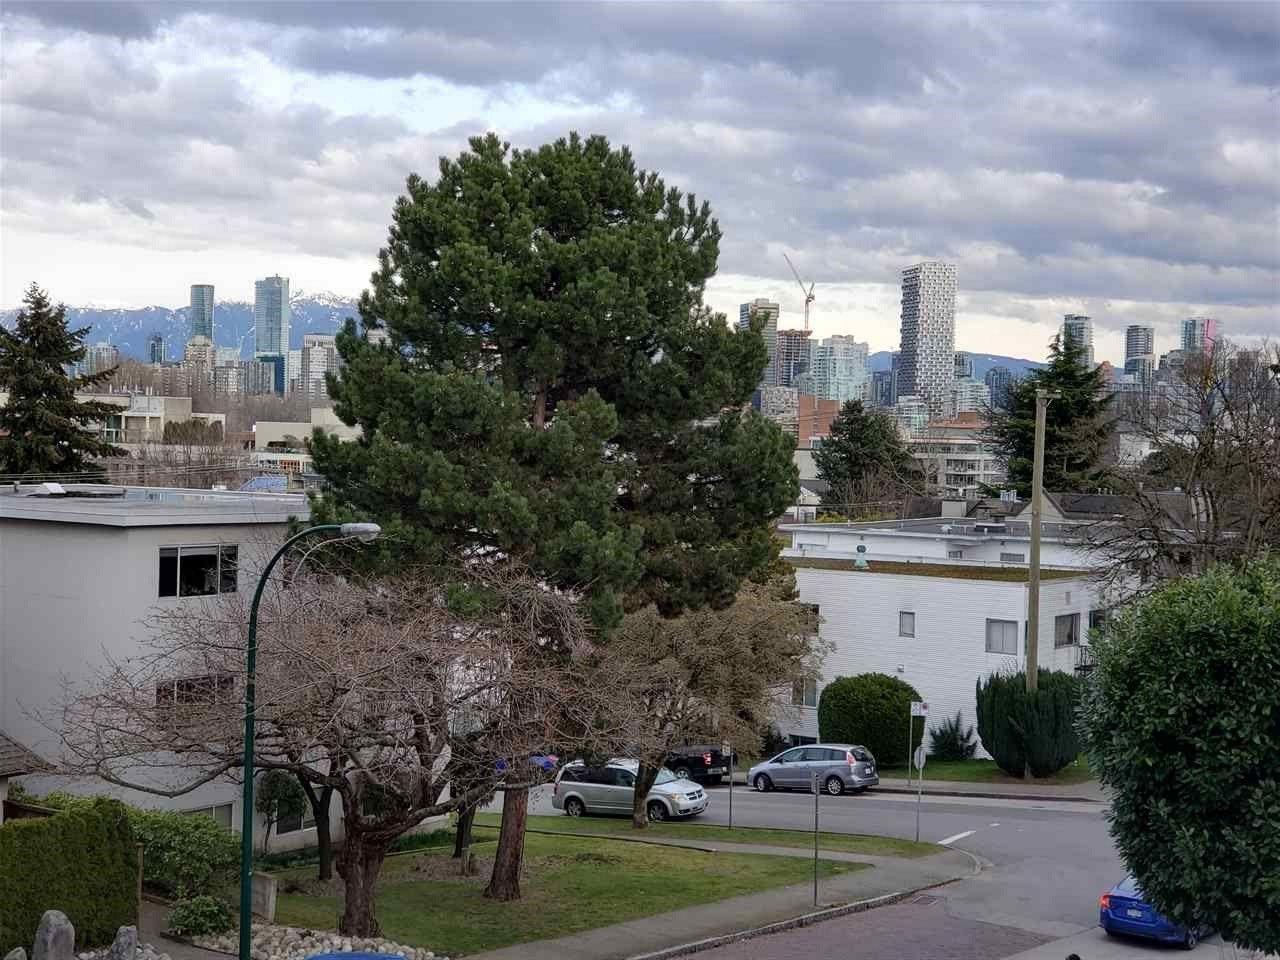 """Main Photo: 301 2028 W 3RD Avenue in Vancouver: Kitsilano Condo for sale in """"KITSILANO STEAMBOAT"""" (Vancouver West)  : MLS®# R2547761"""